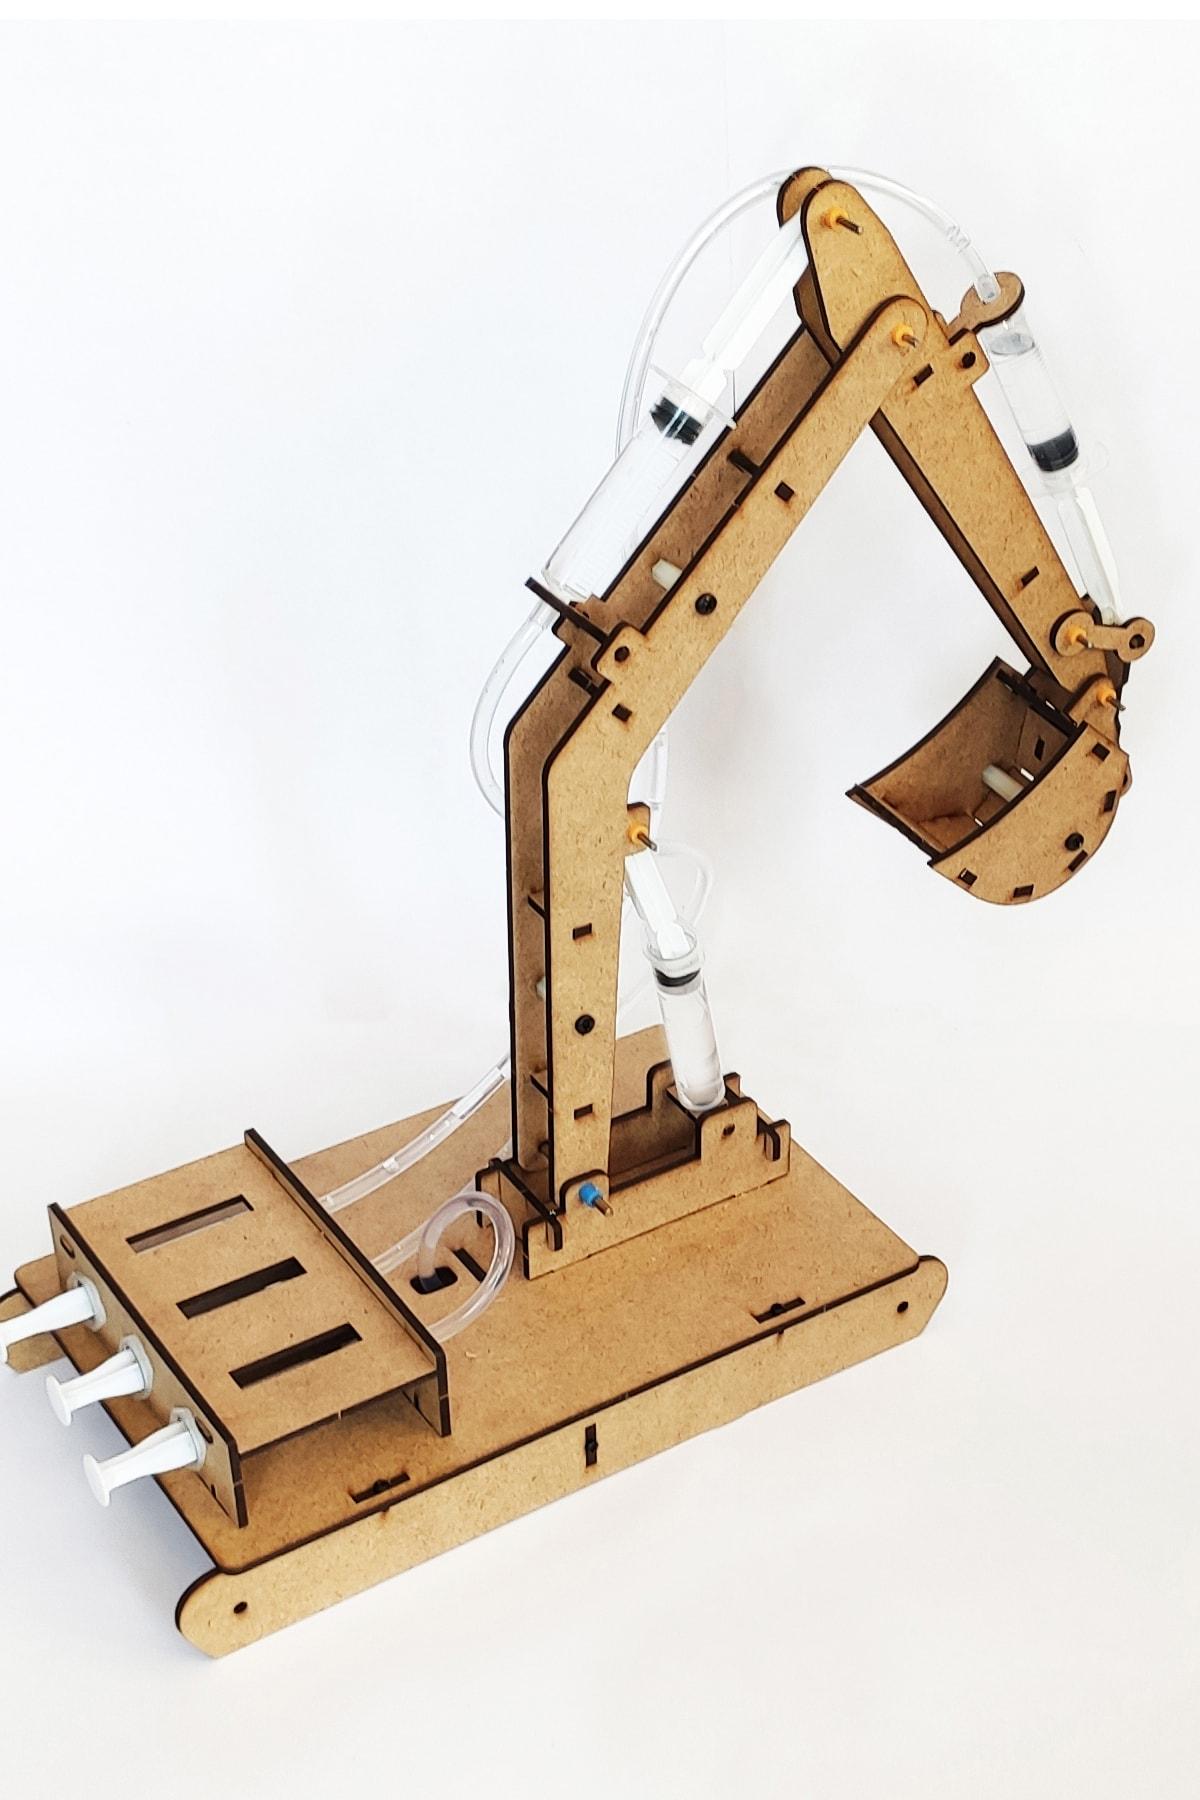 robotikşeyler Kendin Yap Ekskavatör Kepçe Seti - Çocuklar Için Robotik Kodlama Setleri 1